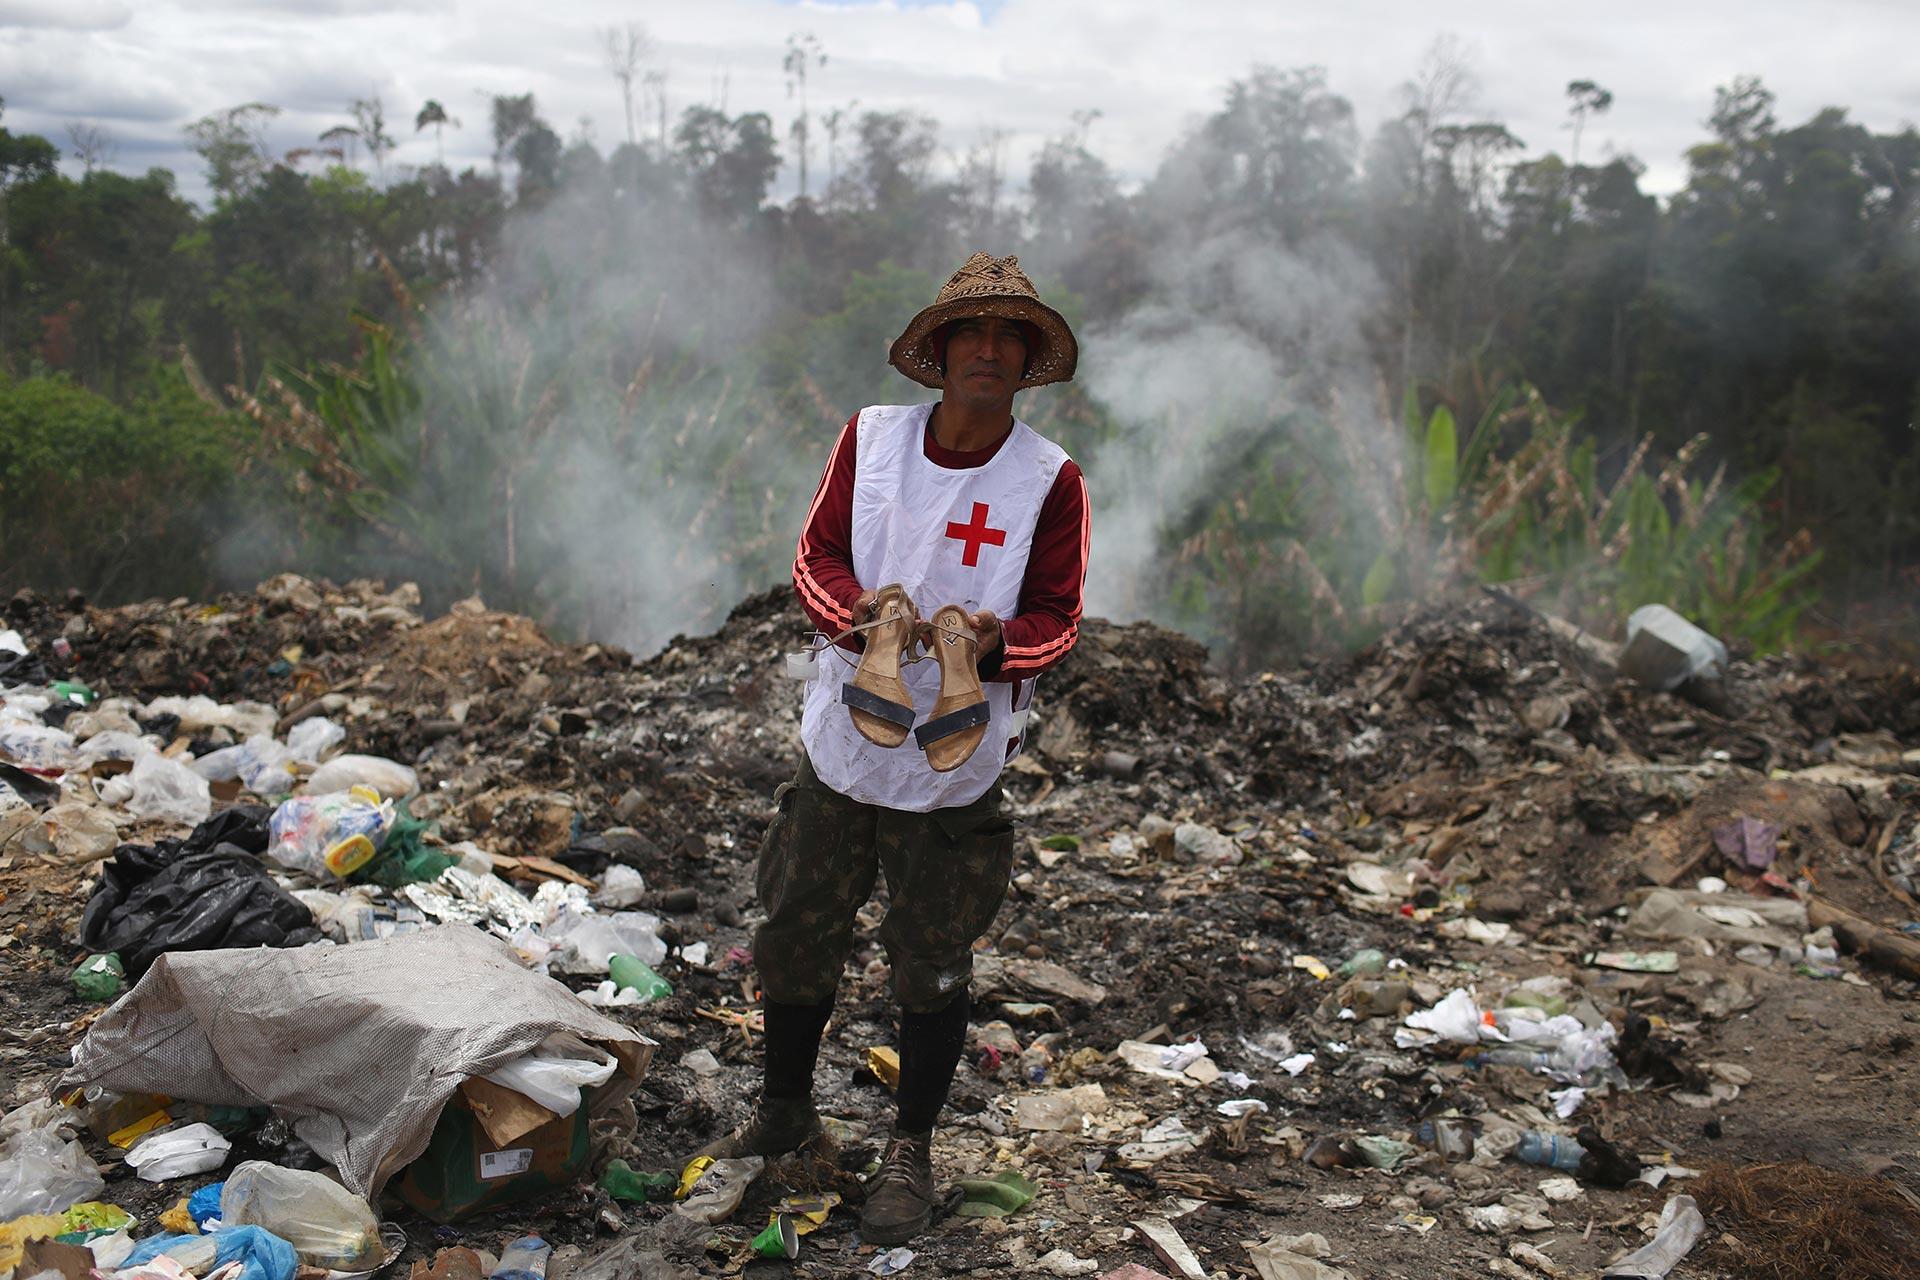 Más de 40.000 venezolanos han aumentado la población de la capital del estado Boa Vista un 11 por ciento, dijo la alcaldesa Tereza Surita (REUTERS/Pilar Olivares)